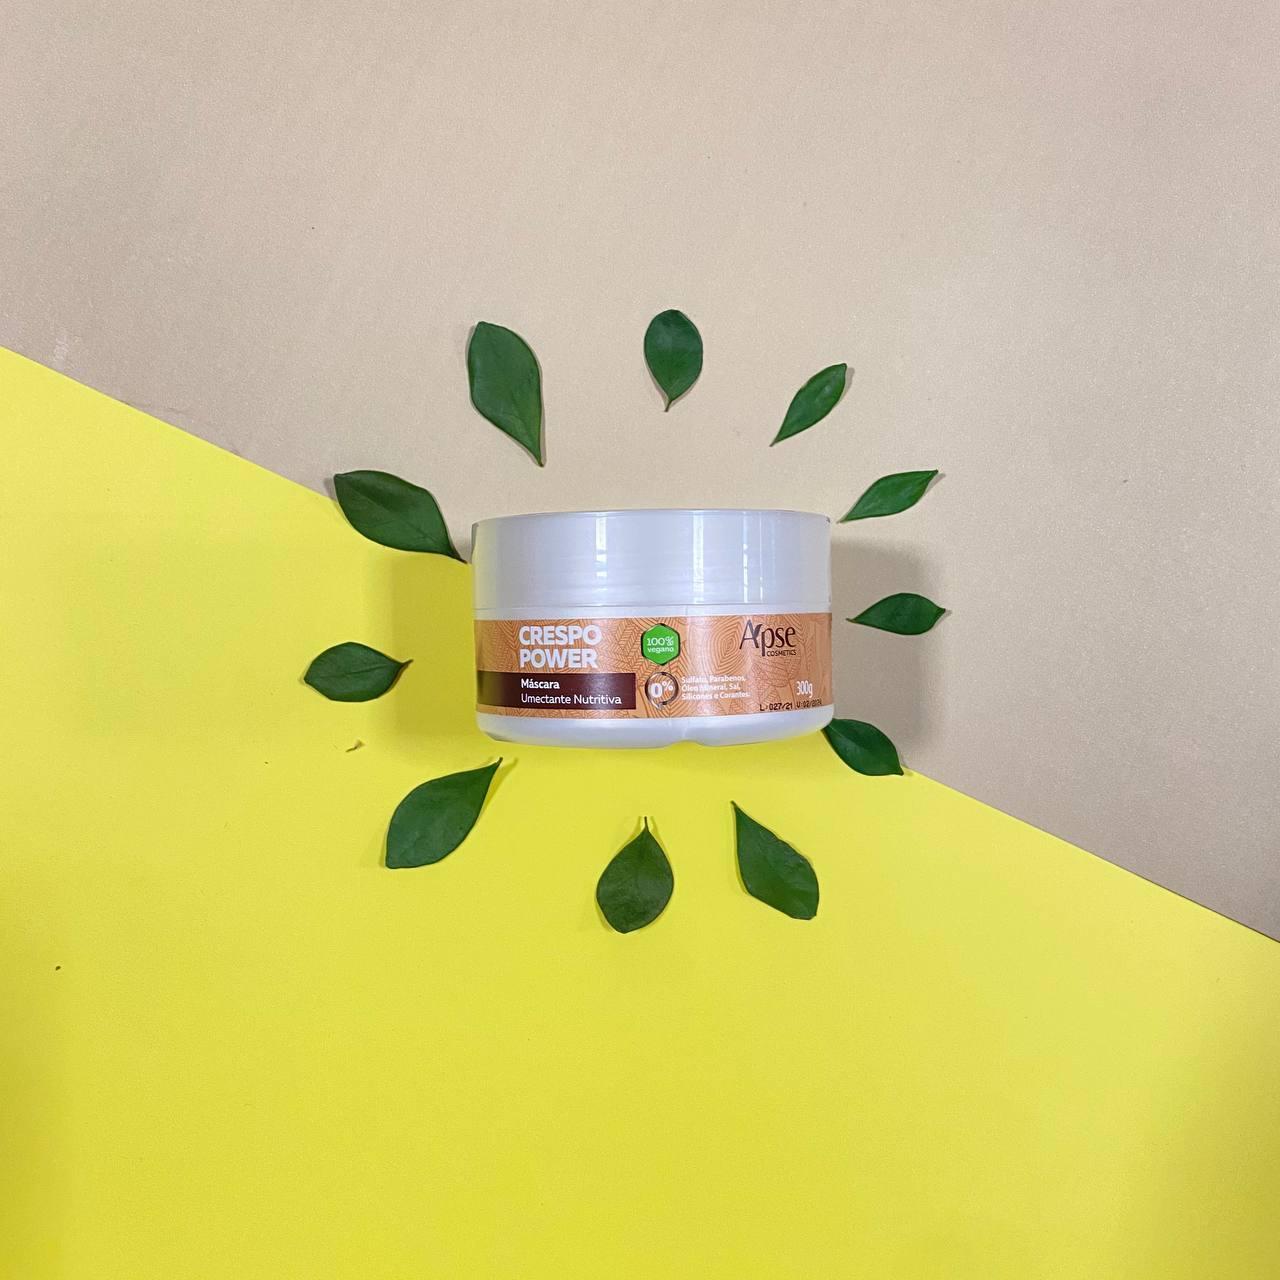 Máscara Umectante Nutritiva Crespo Power - Apse Cosmetics 300g